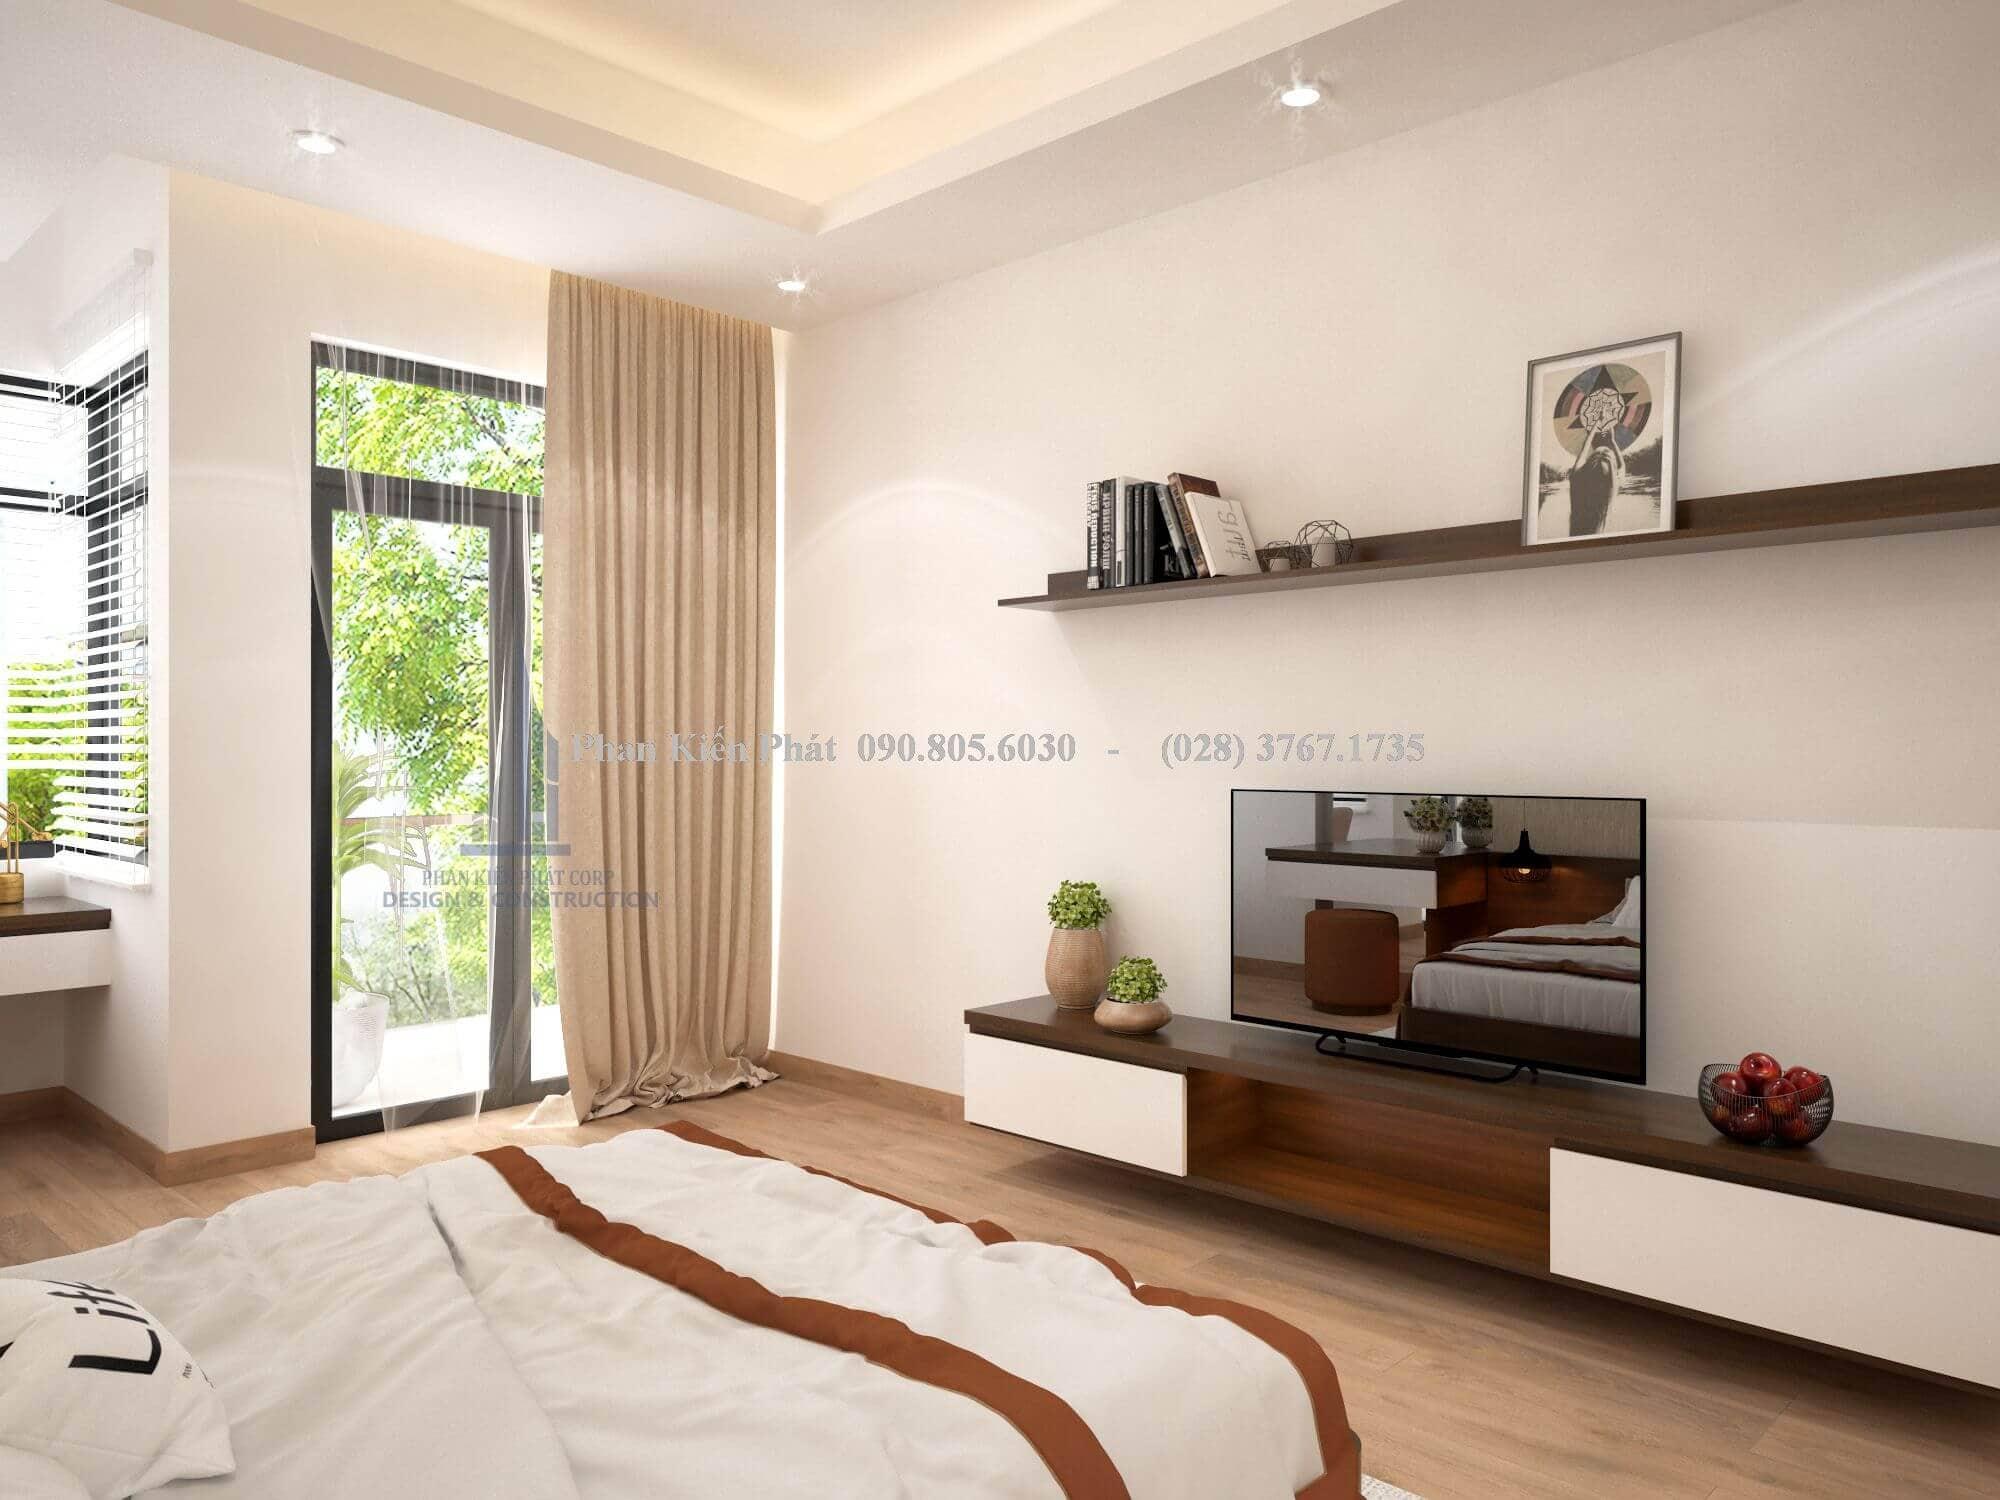 Thiết kế nội thất tinh giản làm nổi bật nét đẹp của căn phòng hiện đại